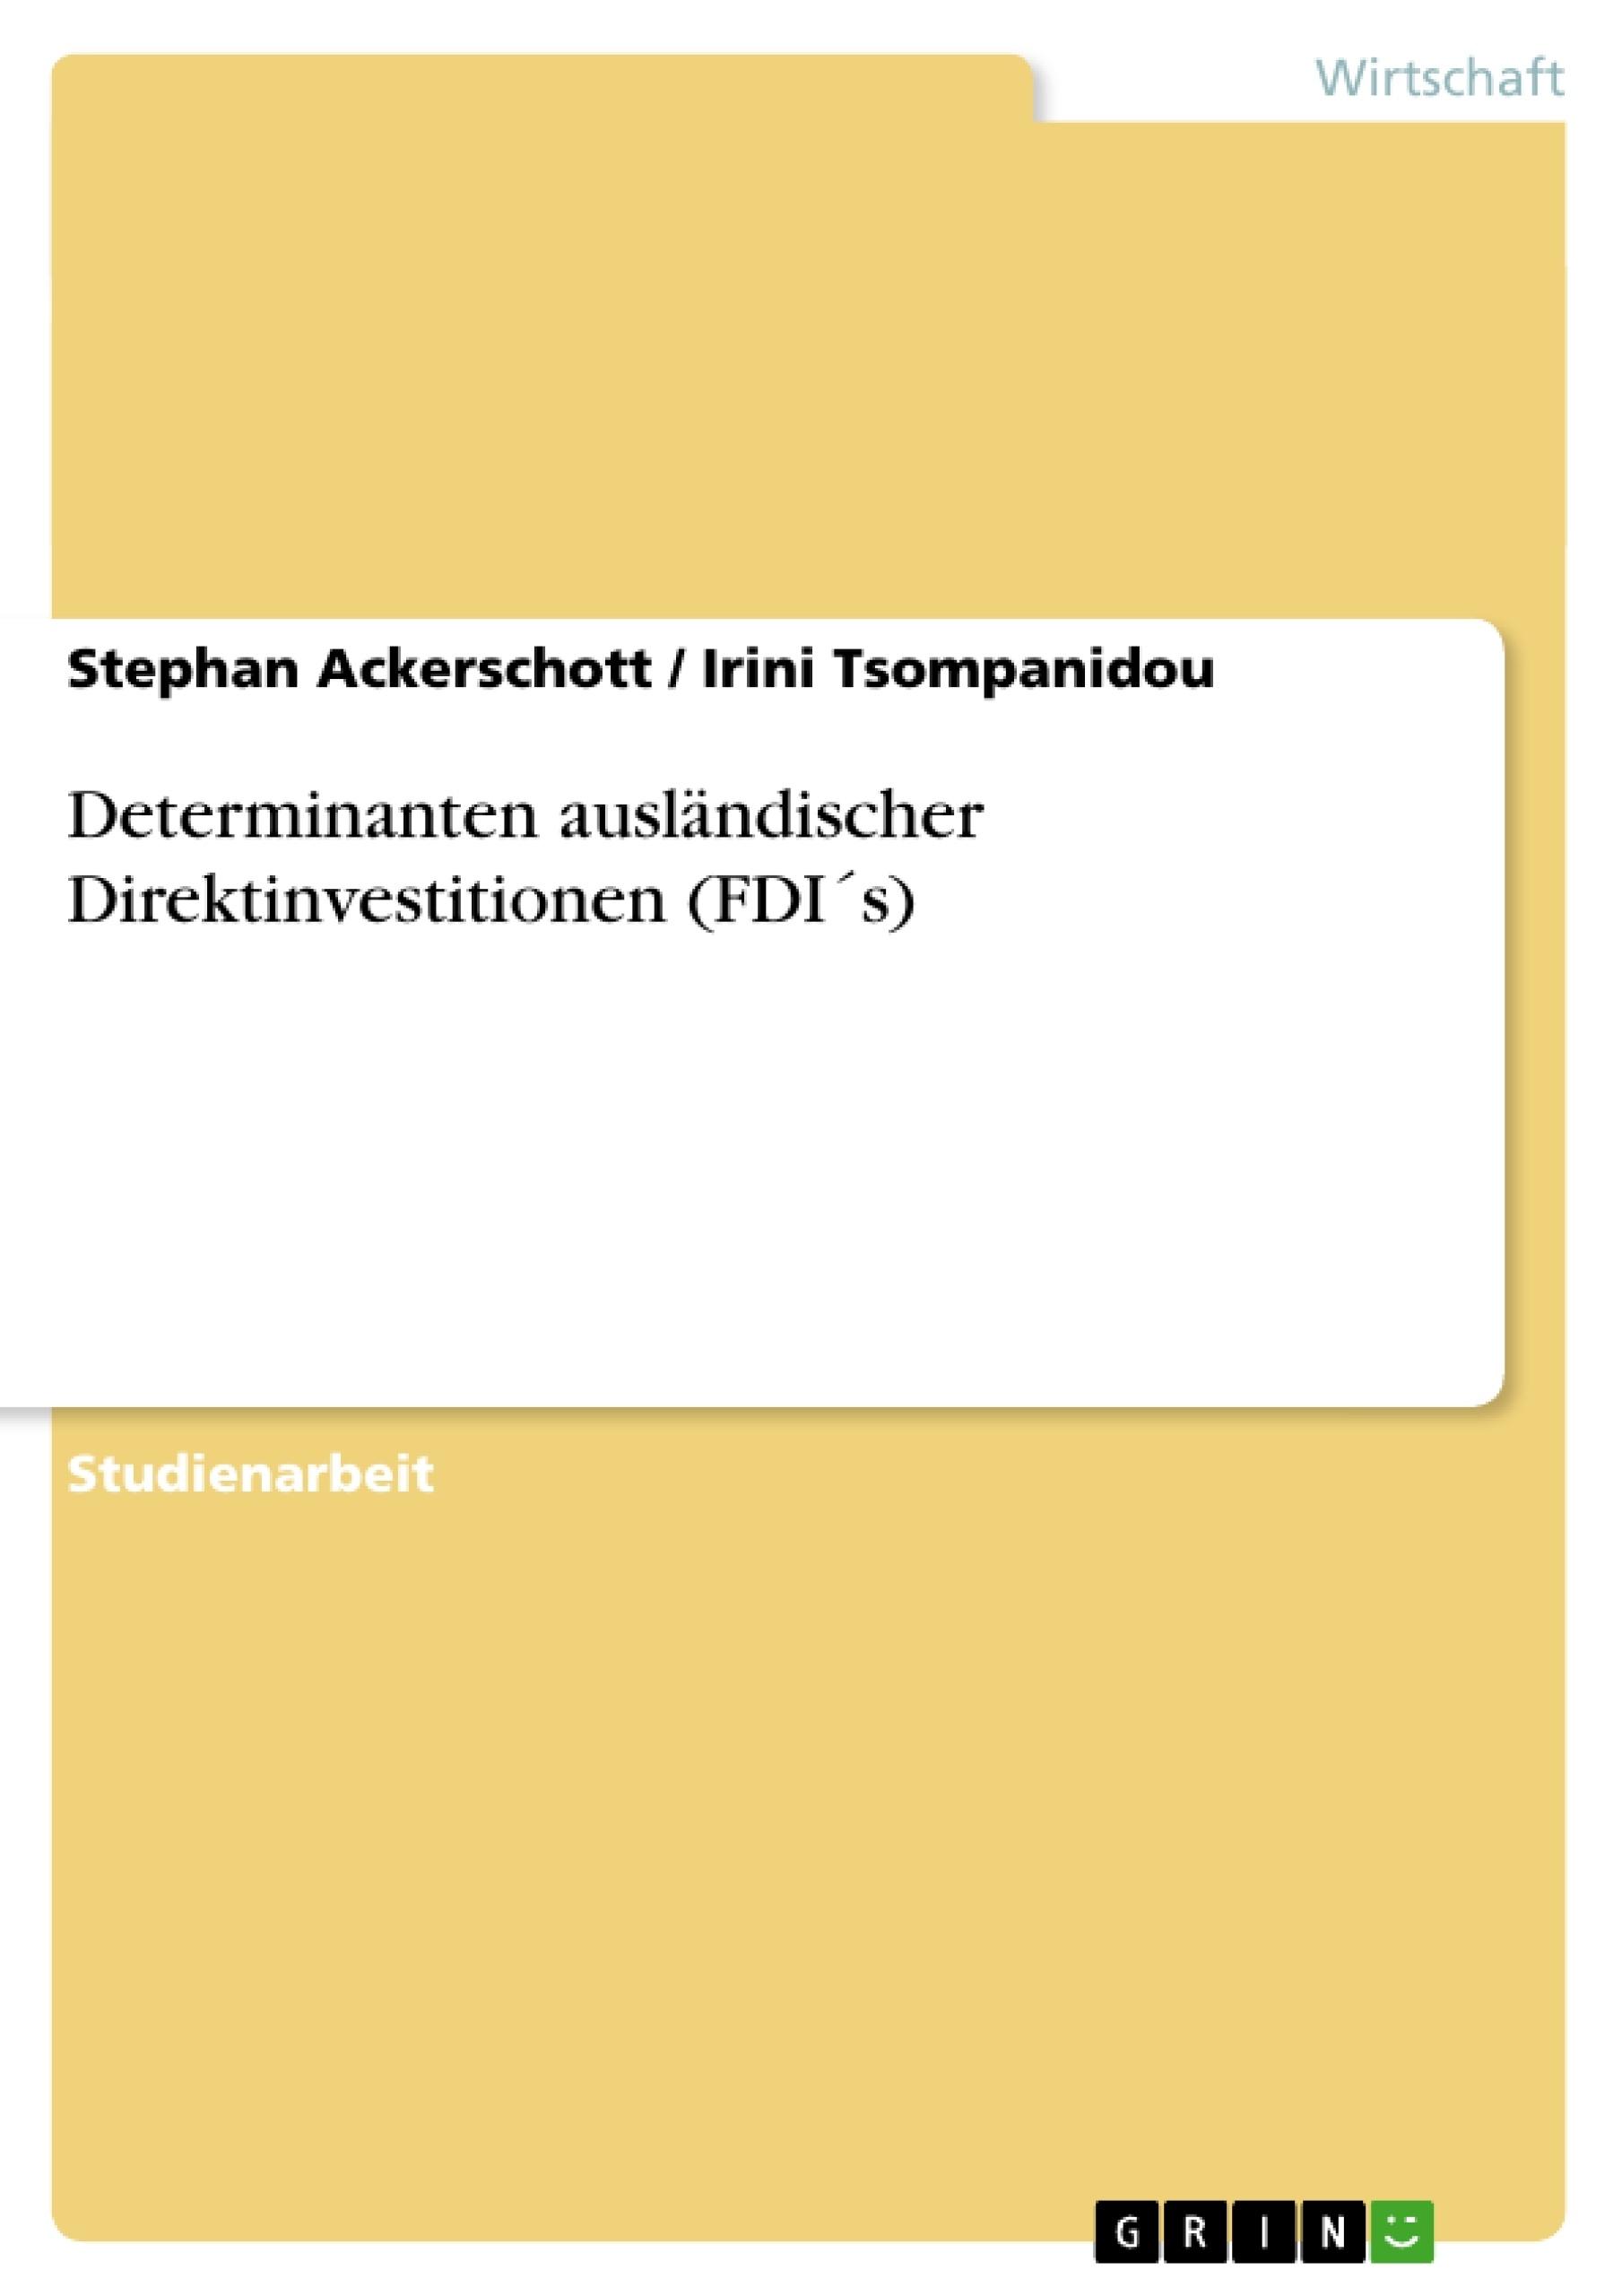 Titel: Determinanten ausländischer Direktinvestitionen (FDI´s)